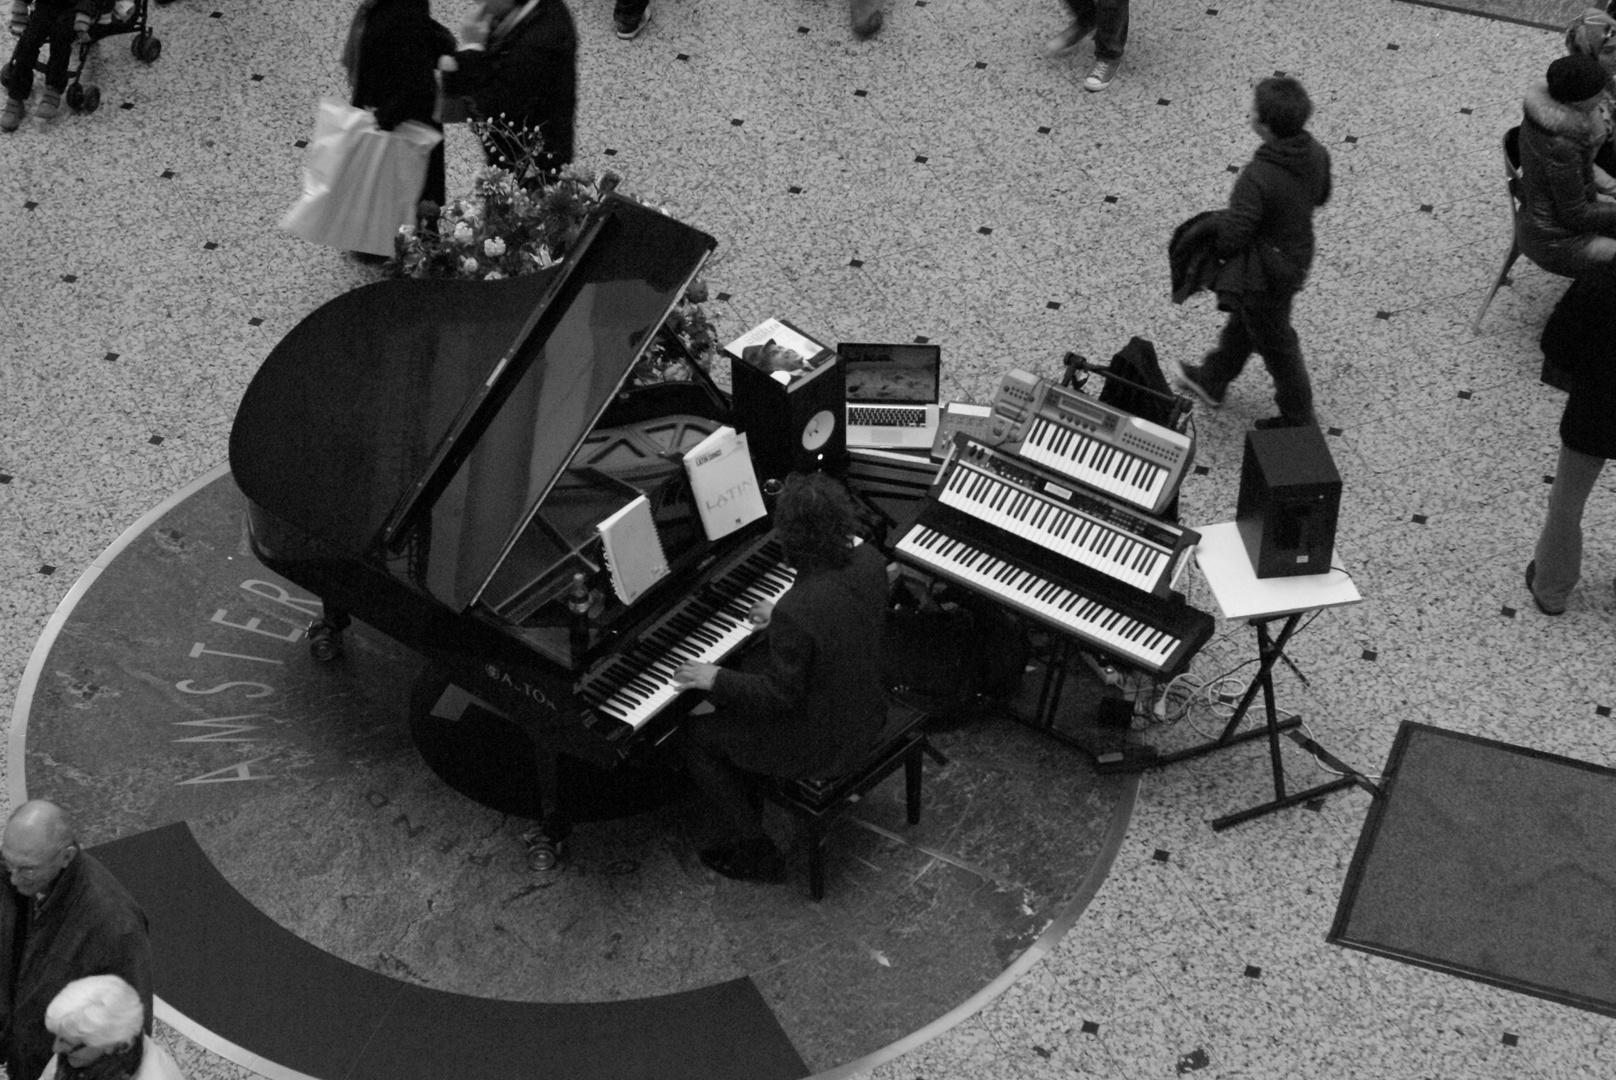 Piano-Insel